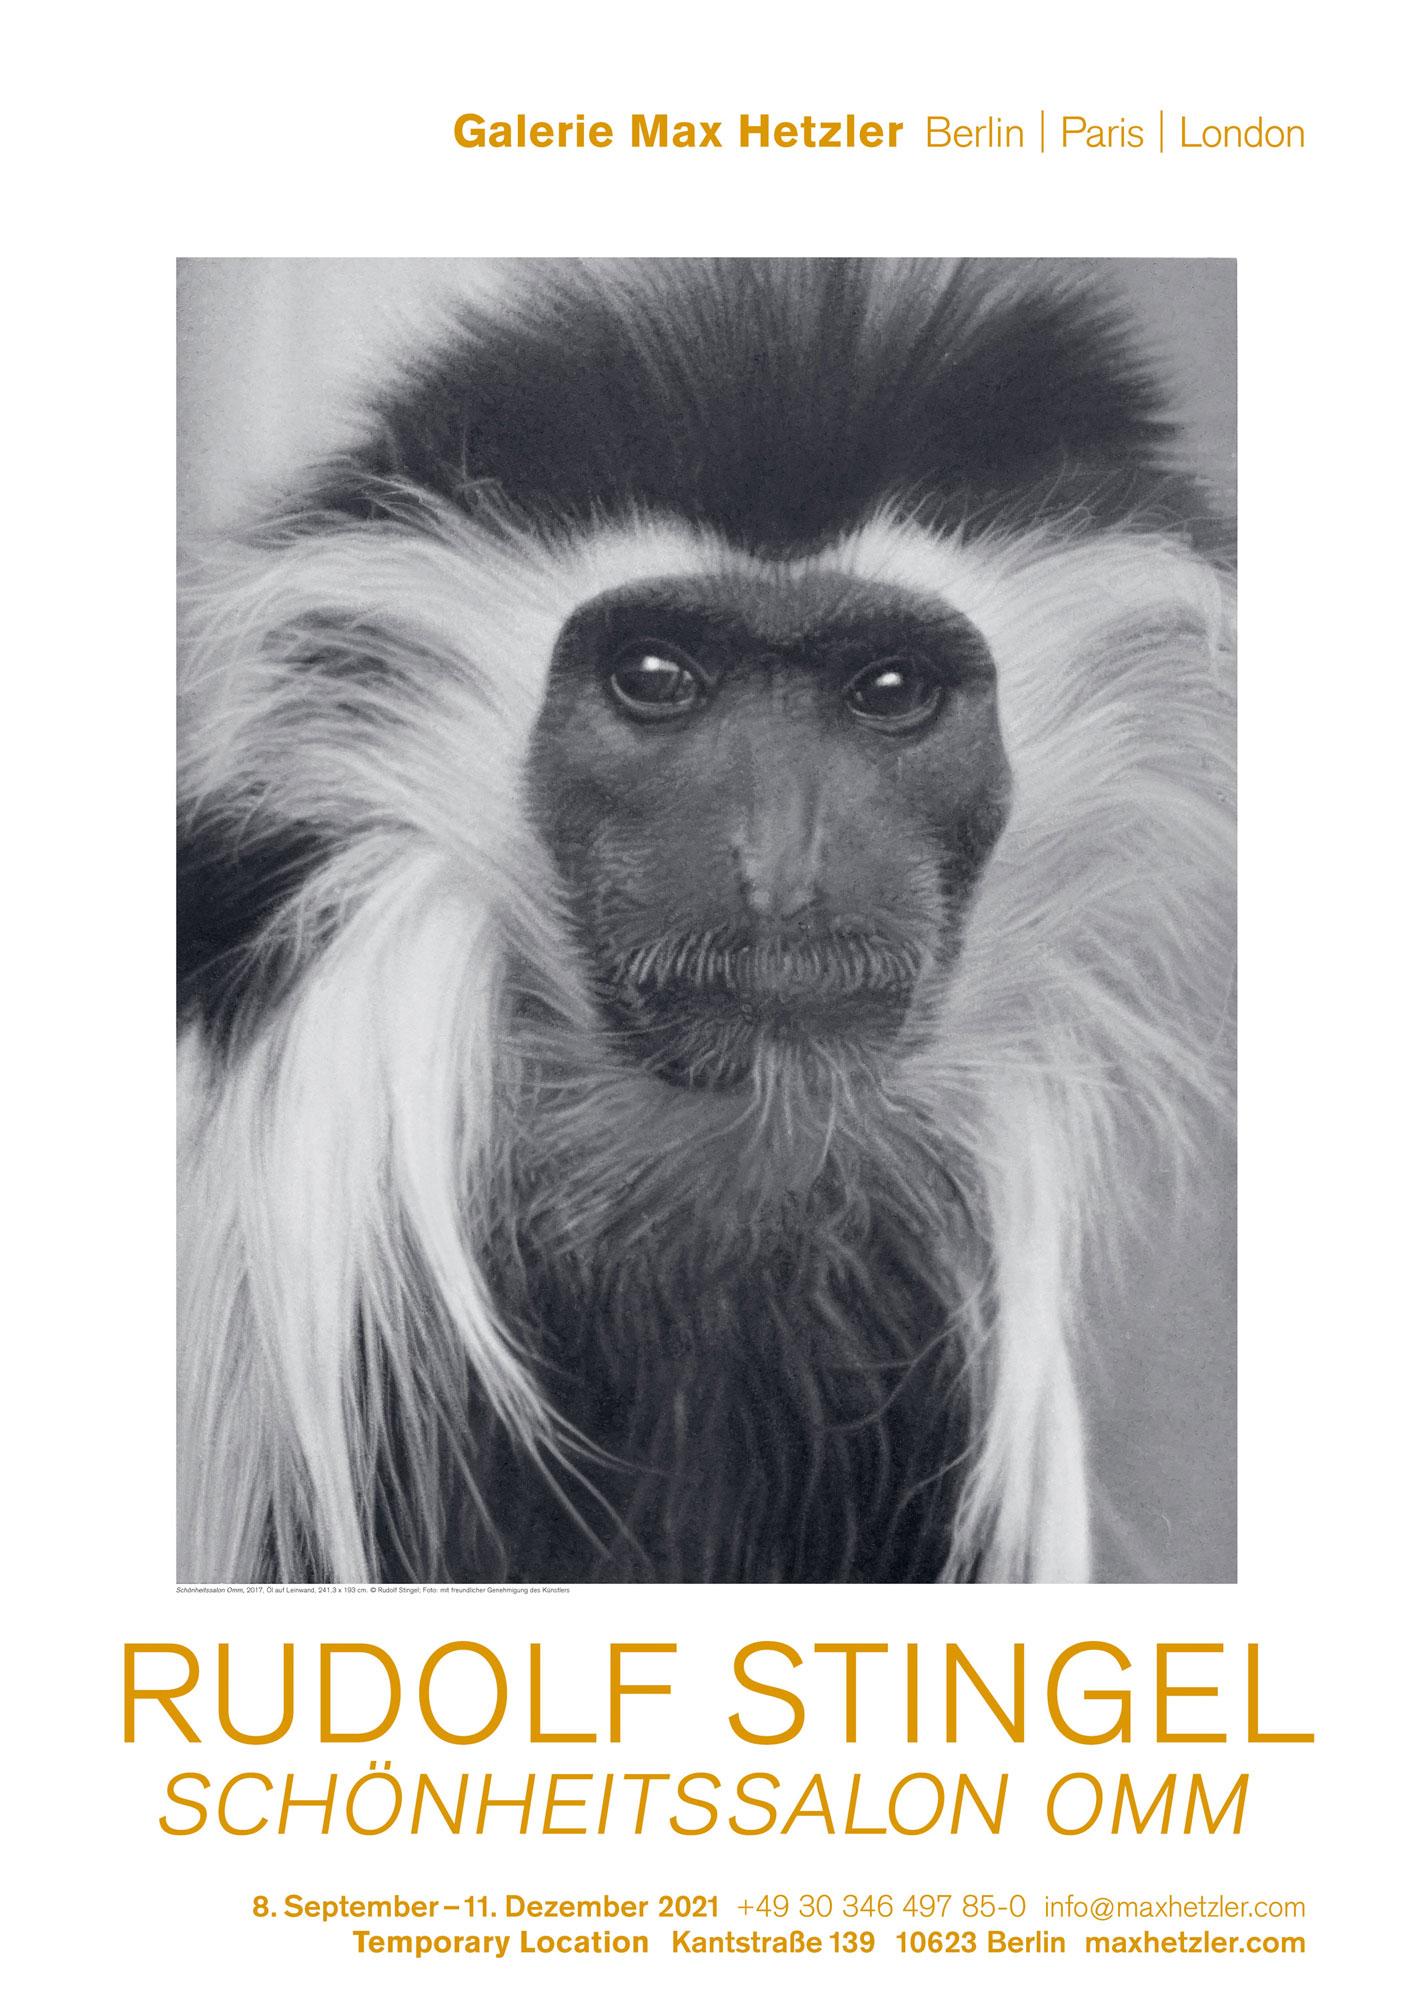 Rudolf Stingel, Schönheitssalon Omm - Galerie Max Hetzler